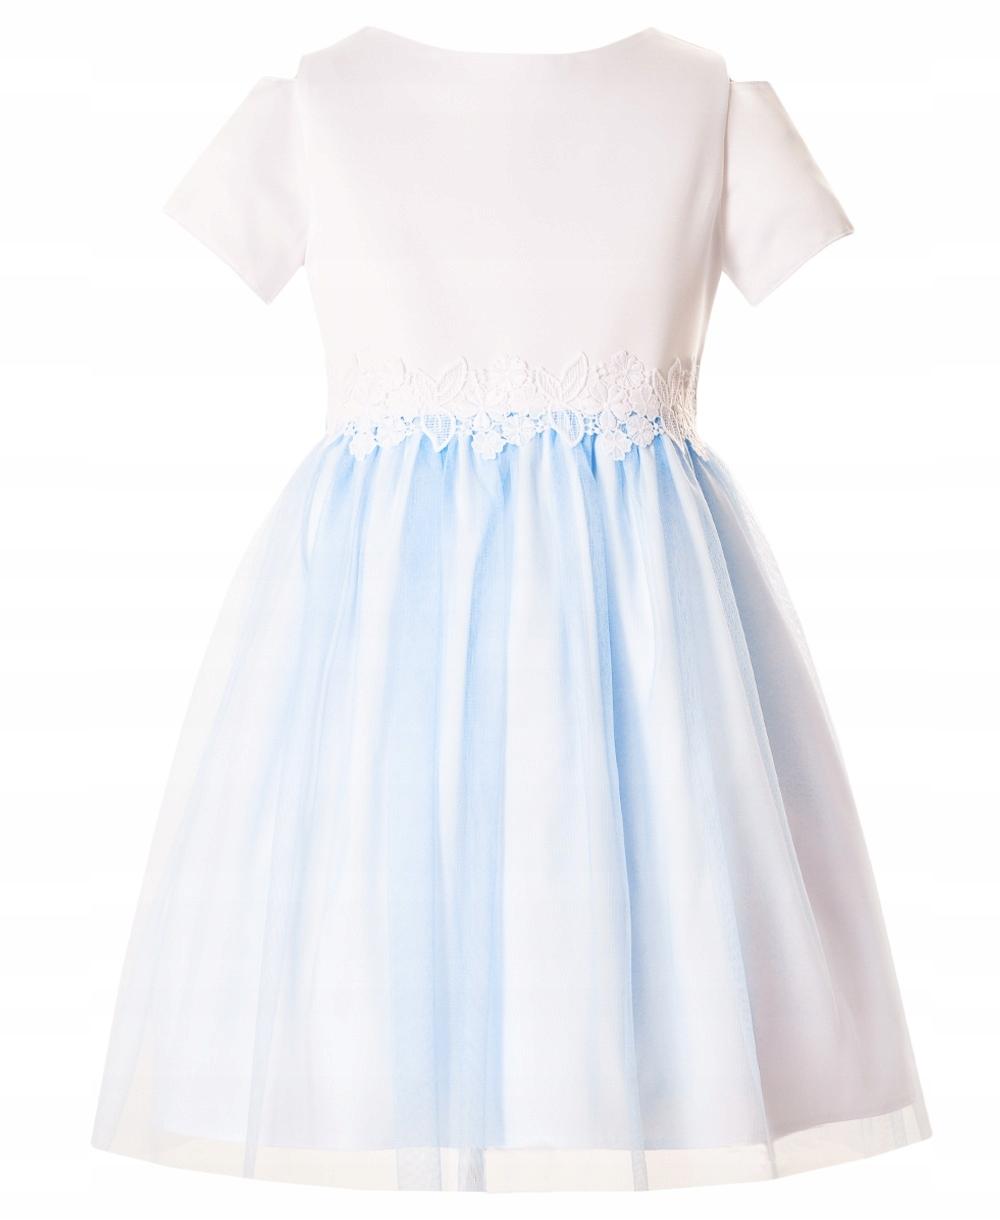 5c33f03413a2dd Sukienka dla dziewczynki Wizytowa Elegancka 146 - 7816222893 ...